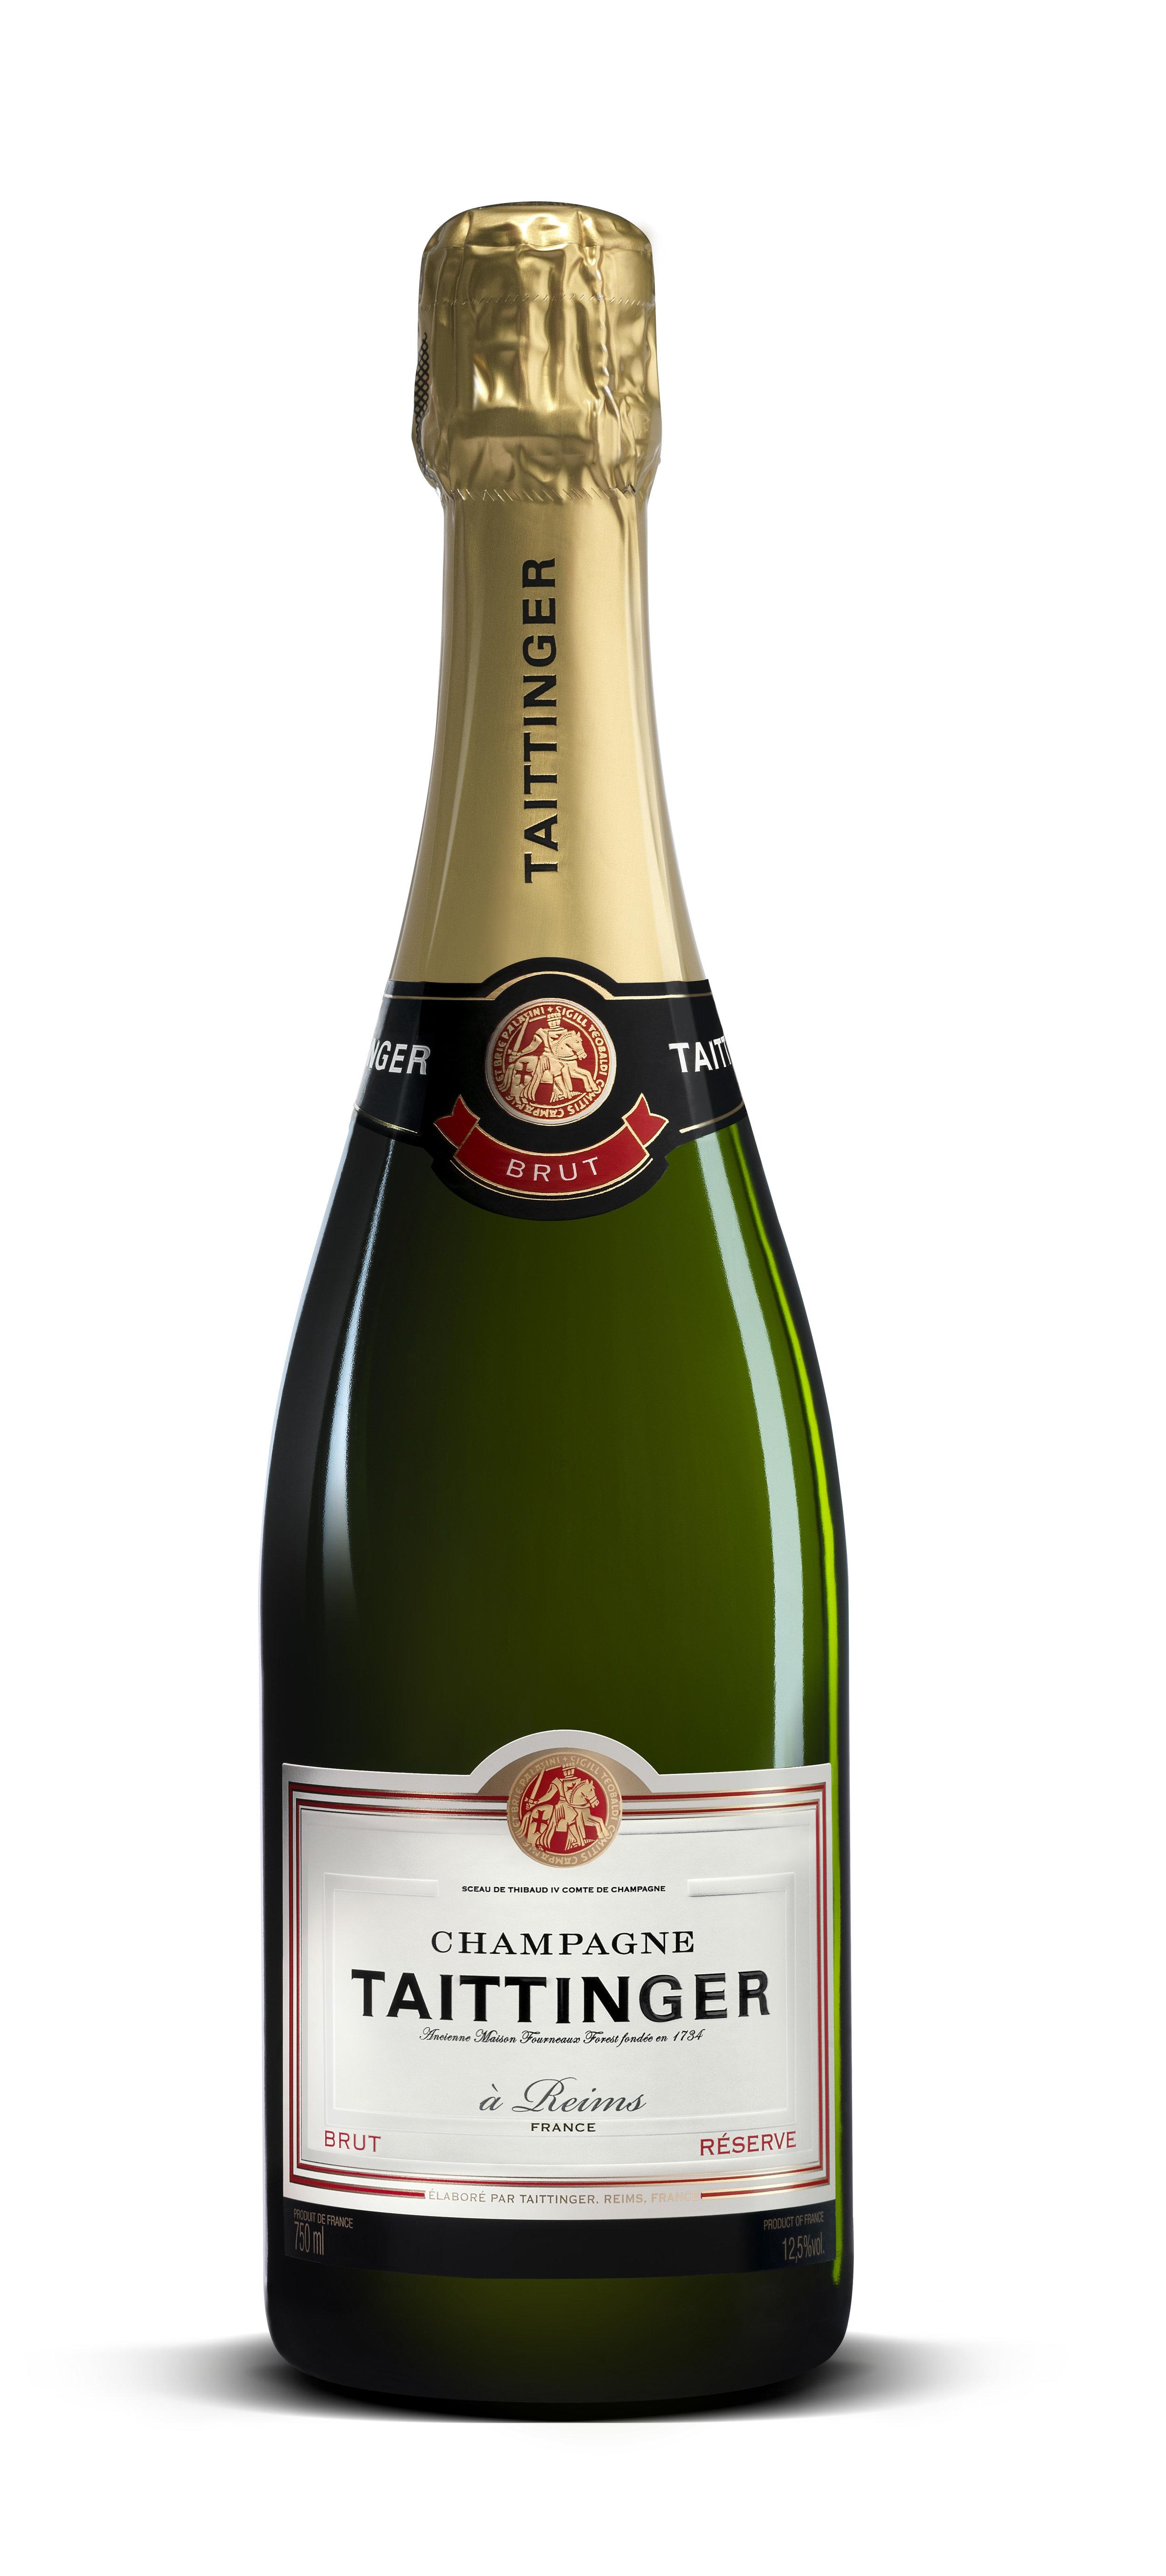 """TAITTINGER BRUT RÉSERVE - """"Taittinger Brut Reserva es el champagne de todos los momentos. Vino y símbolo festivo, es el acompañante privilegiado de la felicidad y participa en los momentos hermosos de la vida"""".""""En Taittinger decimos que el honor de una casa radica en la calidad de su champaña no vintage. Es por esta razón que Taittinger hace un Brut Réserve cada año cuya calidad ofrece una consistencia absoluta, y que es reconocida en todo el mundo"""" afirma Clovis Taittinger.Está compuesto por un 40% de Chardonnay y un 60% de Pinot Noir y Pinot Meunier, que proceden de más de 35 viñedos diferentes y de varias vendimias perfectamente llevadas a maduración.Está fuerte proporción de Chardonnay, única entre los grandes champañas sin añada, así como una crianza mínima de tres años en bodega, donde alcanza su plena madurez aromática, hacen de Taittinger Brut Réserve un champagne muy equilibrado, cuya calidad, de una constancia absoluta, es reconocida en el mundo entero.El Champagne Taittinger se siente honrado de concebir así un Brut sin añada excepcional.La capa es brillante, de color amarillo pajizo dorado. Las burbujas son finas. La espuma es discreta y persistente. La nariz, muy expresiva y abierta, es a la vez afrutada y abriochada. Despide aromas de melocotón, de flores blancas (espino blanco, acacia) y de vaina de vainilla. La entrada en boca es viva, fresca, armoniosa. Se expresan luego delicadamente sabores de frutas y de miel. Brut Réserve que adquiere toda su madurez en el transcurso de los tres a cuatro años de crianza en bodega, dispone de un potencial aromático desarrollado.Precio sugerido: $ 4.140"""